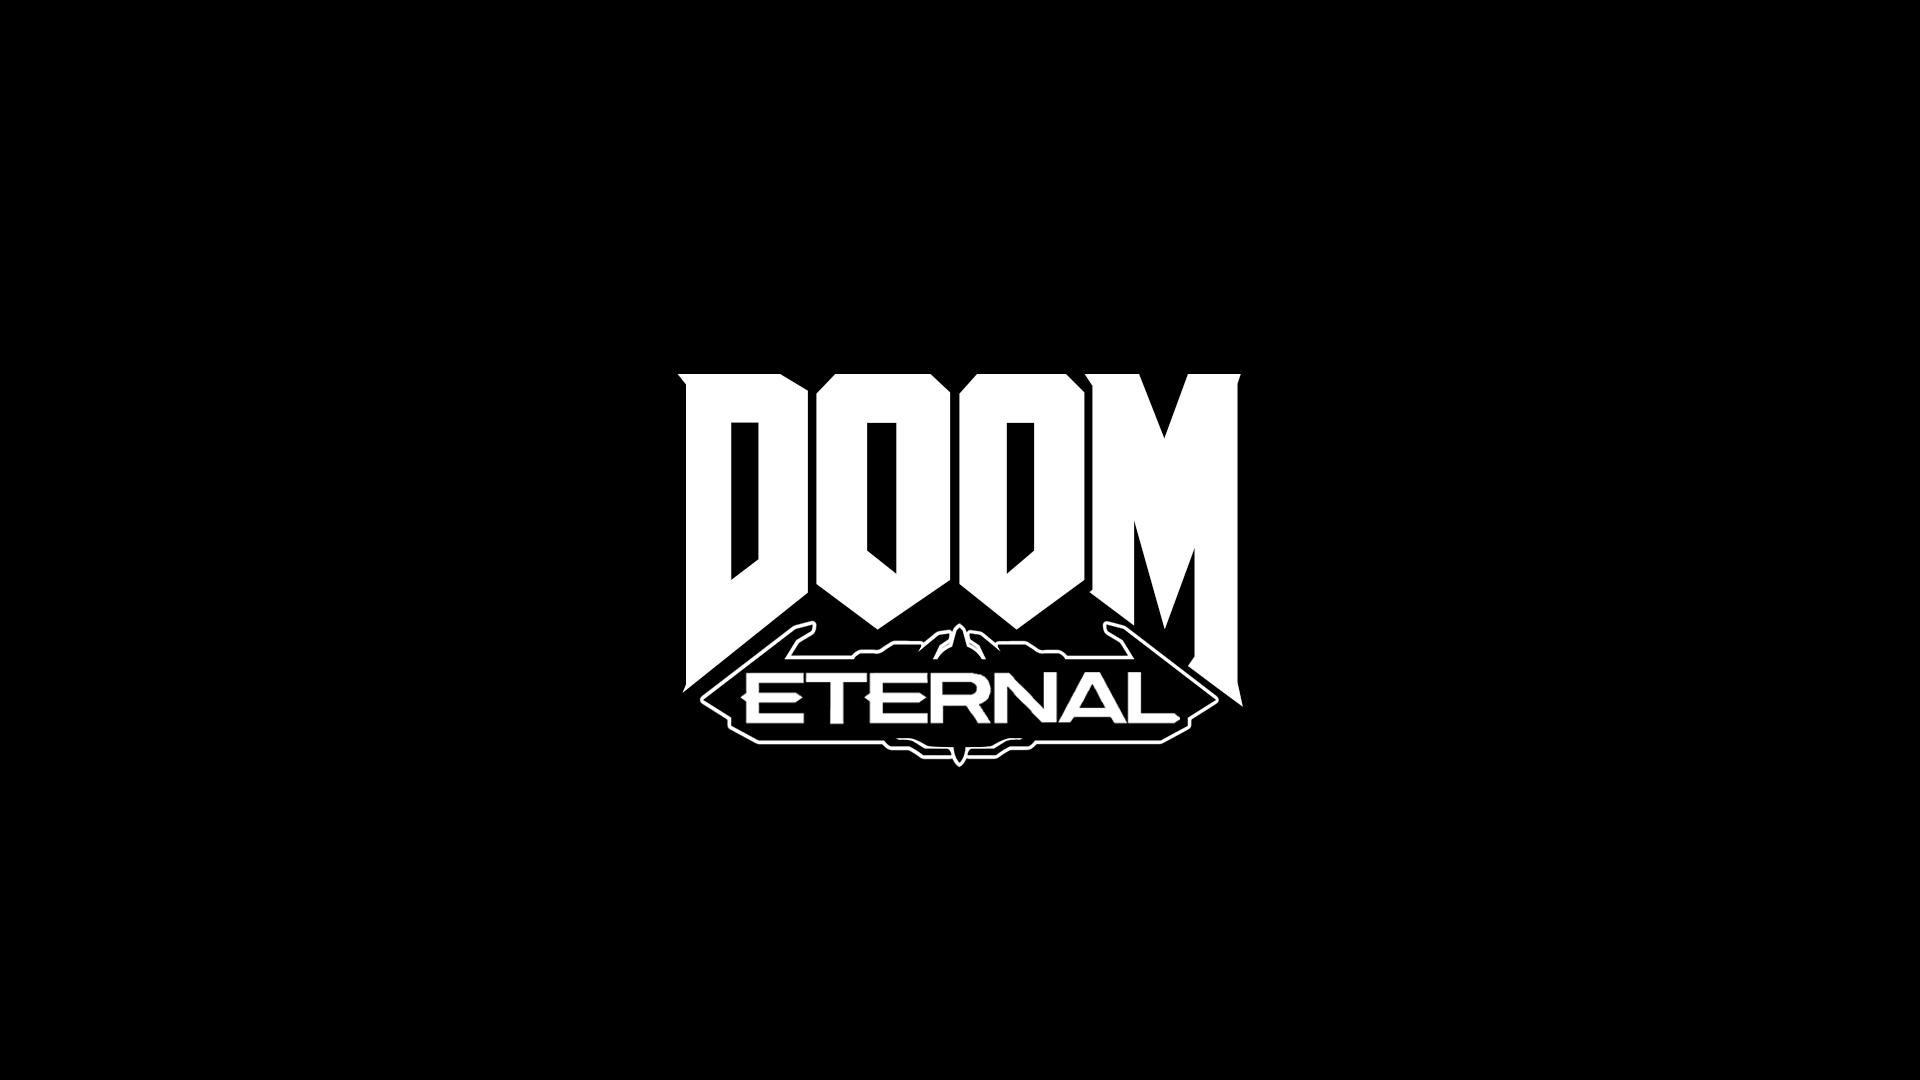 Wallpaper Doom Eternal Doom Game 1920x1080 Xen 1847035 Hd